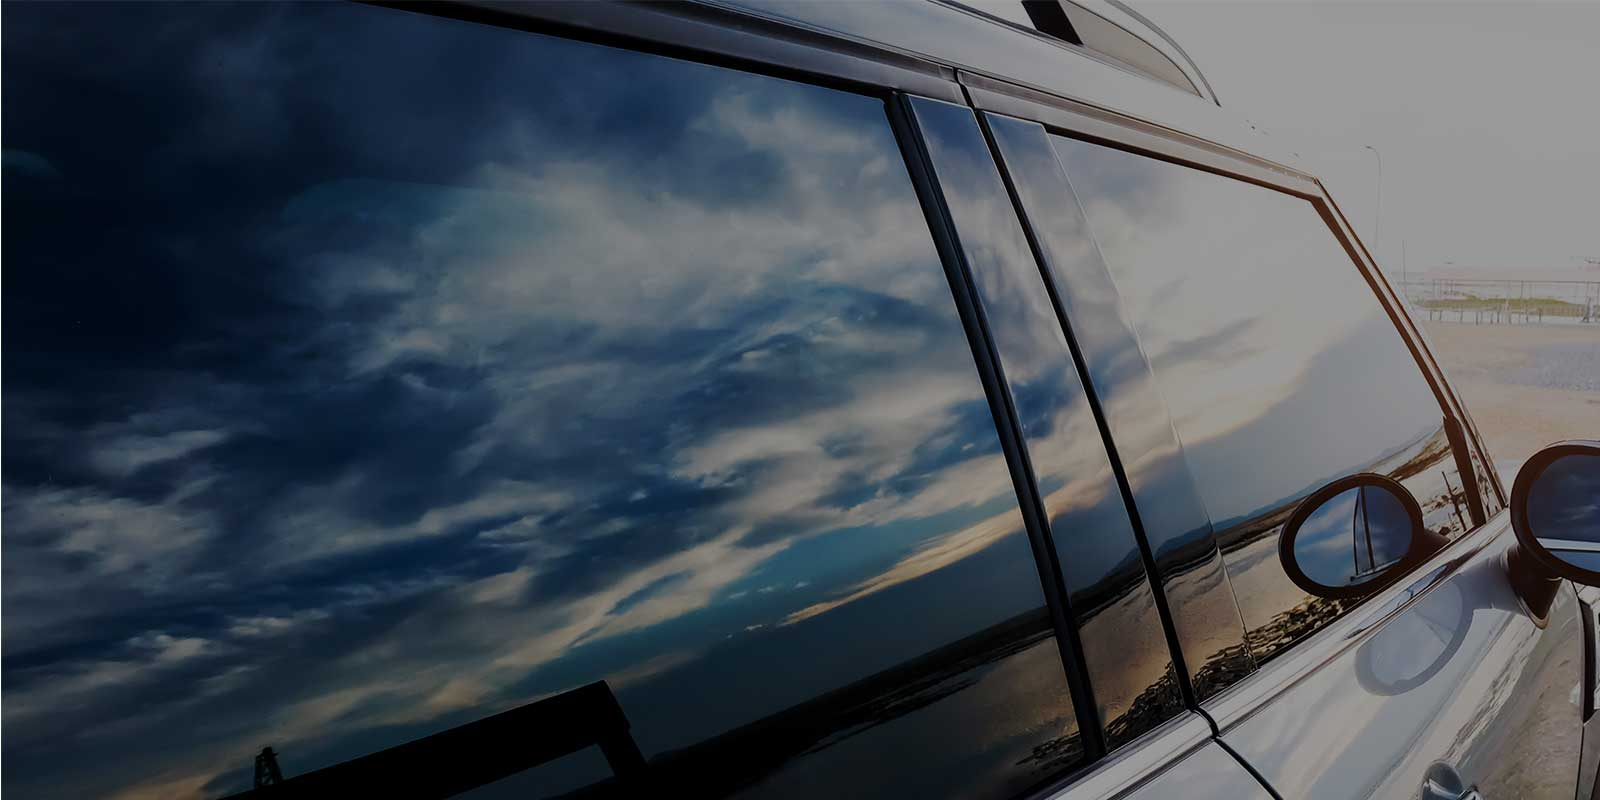 Pellicole Oscuramento Vetri Perfect Glass